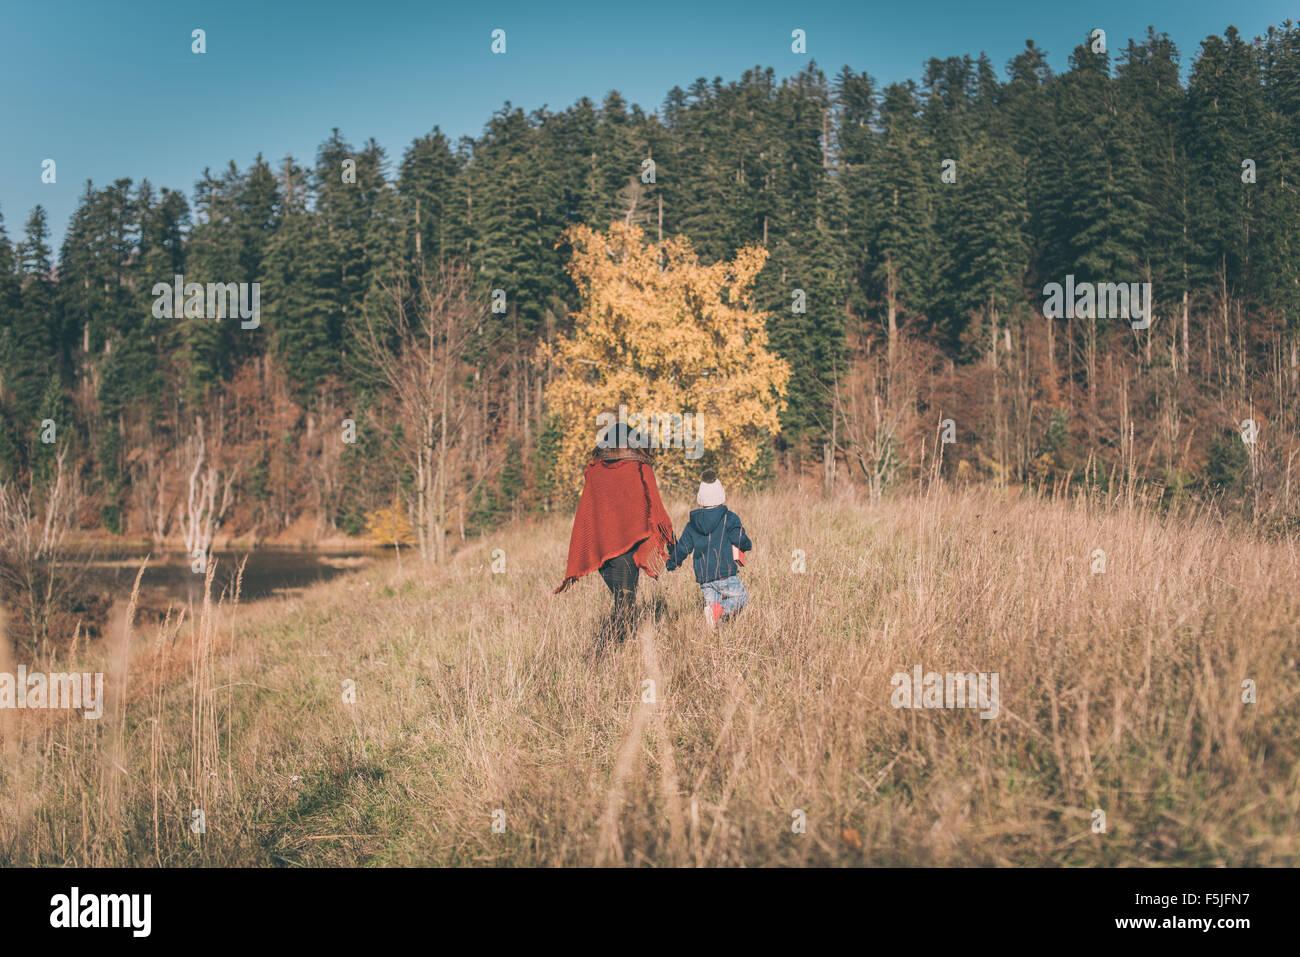 La mère et le fils de marcher dans la nature Photo Stock